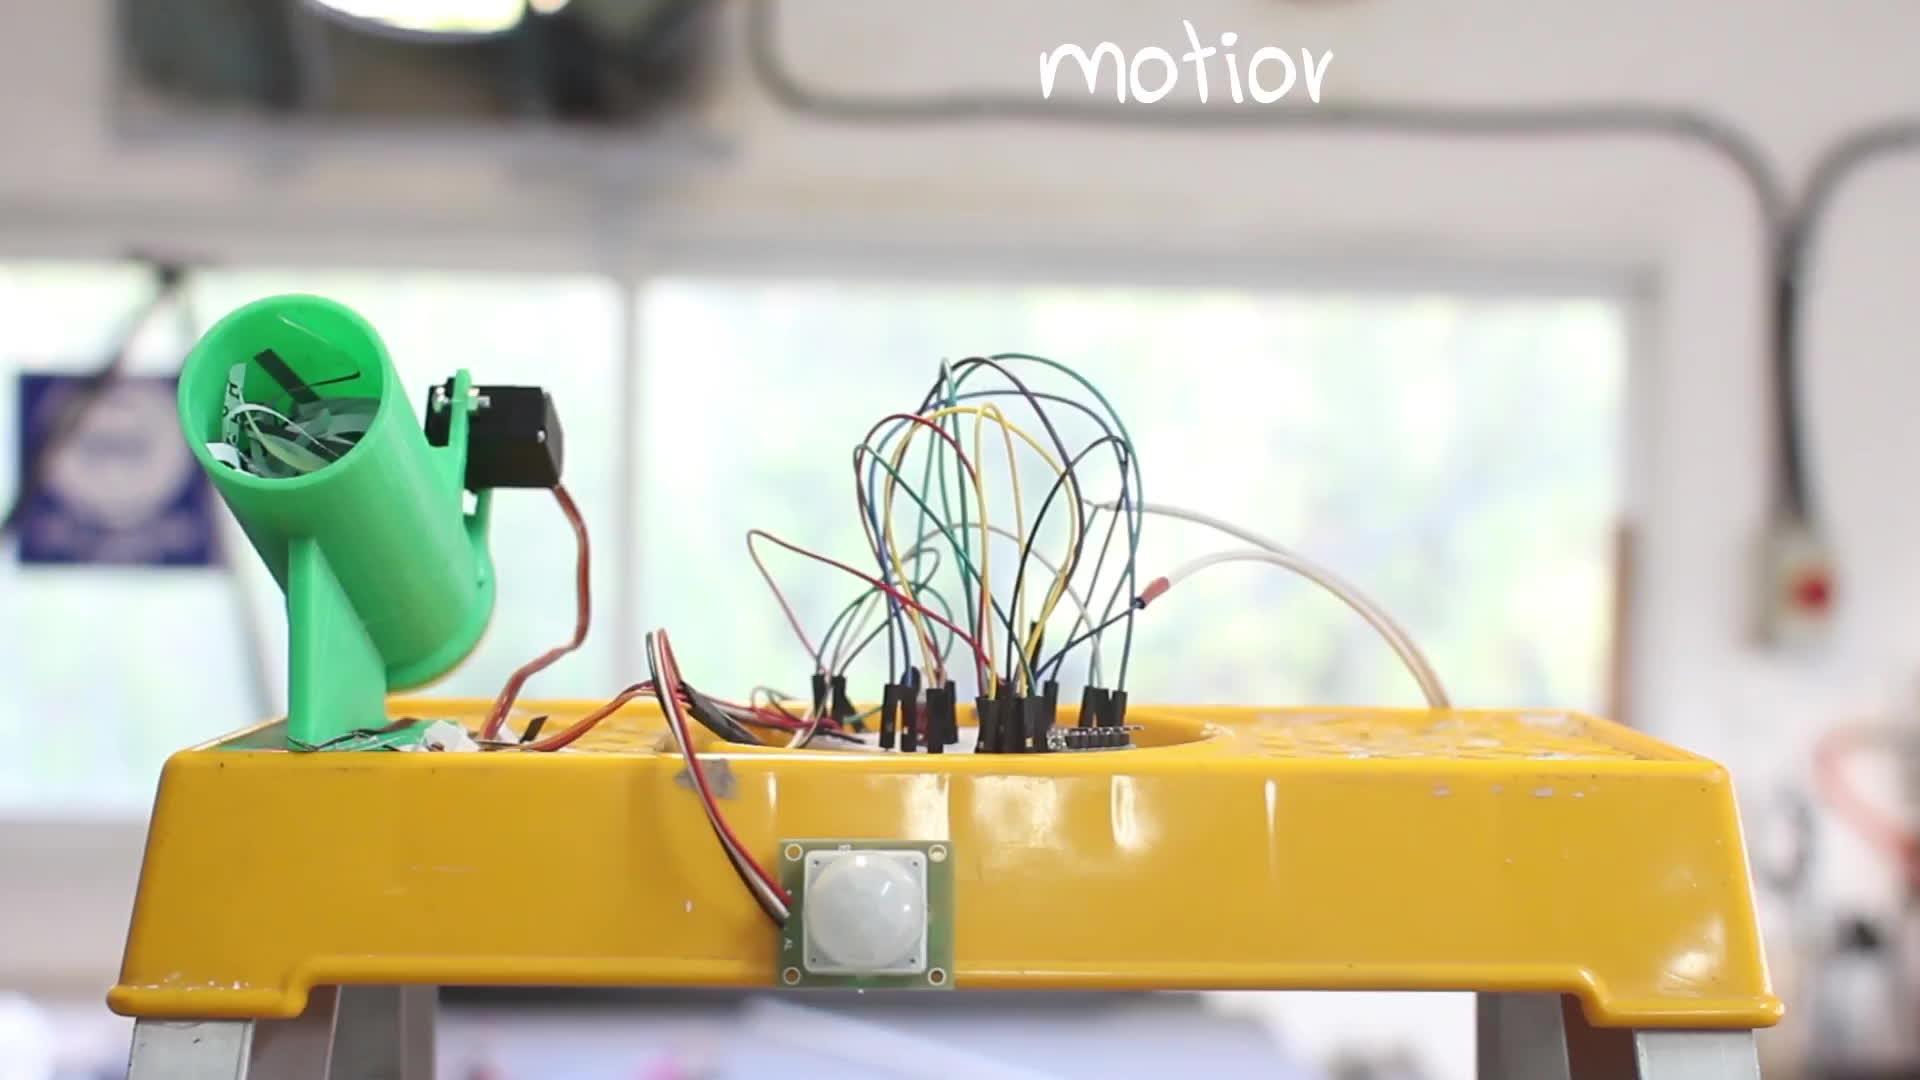 arduinoday, circuitoio, prank, circuito.io's Arduino Day Prank Contest 2017 GIFs